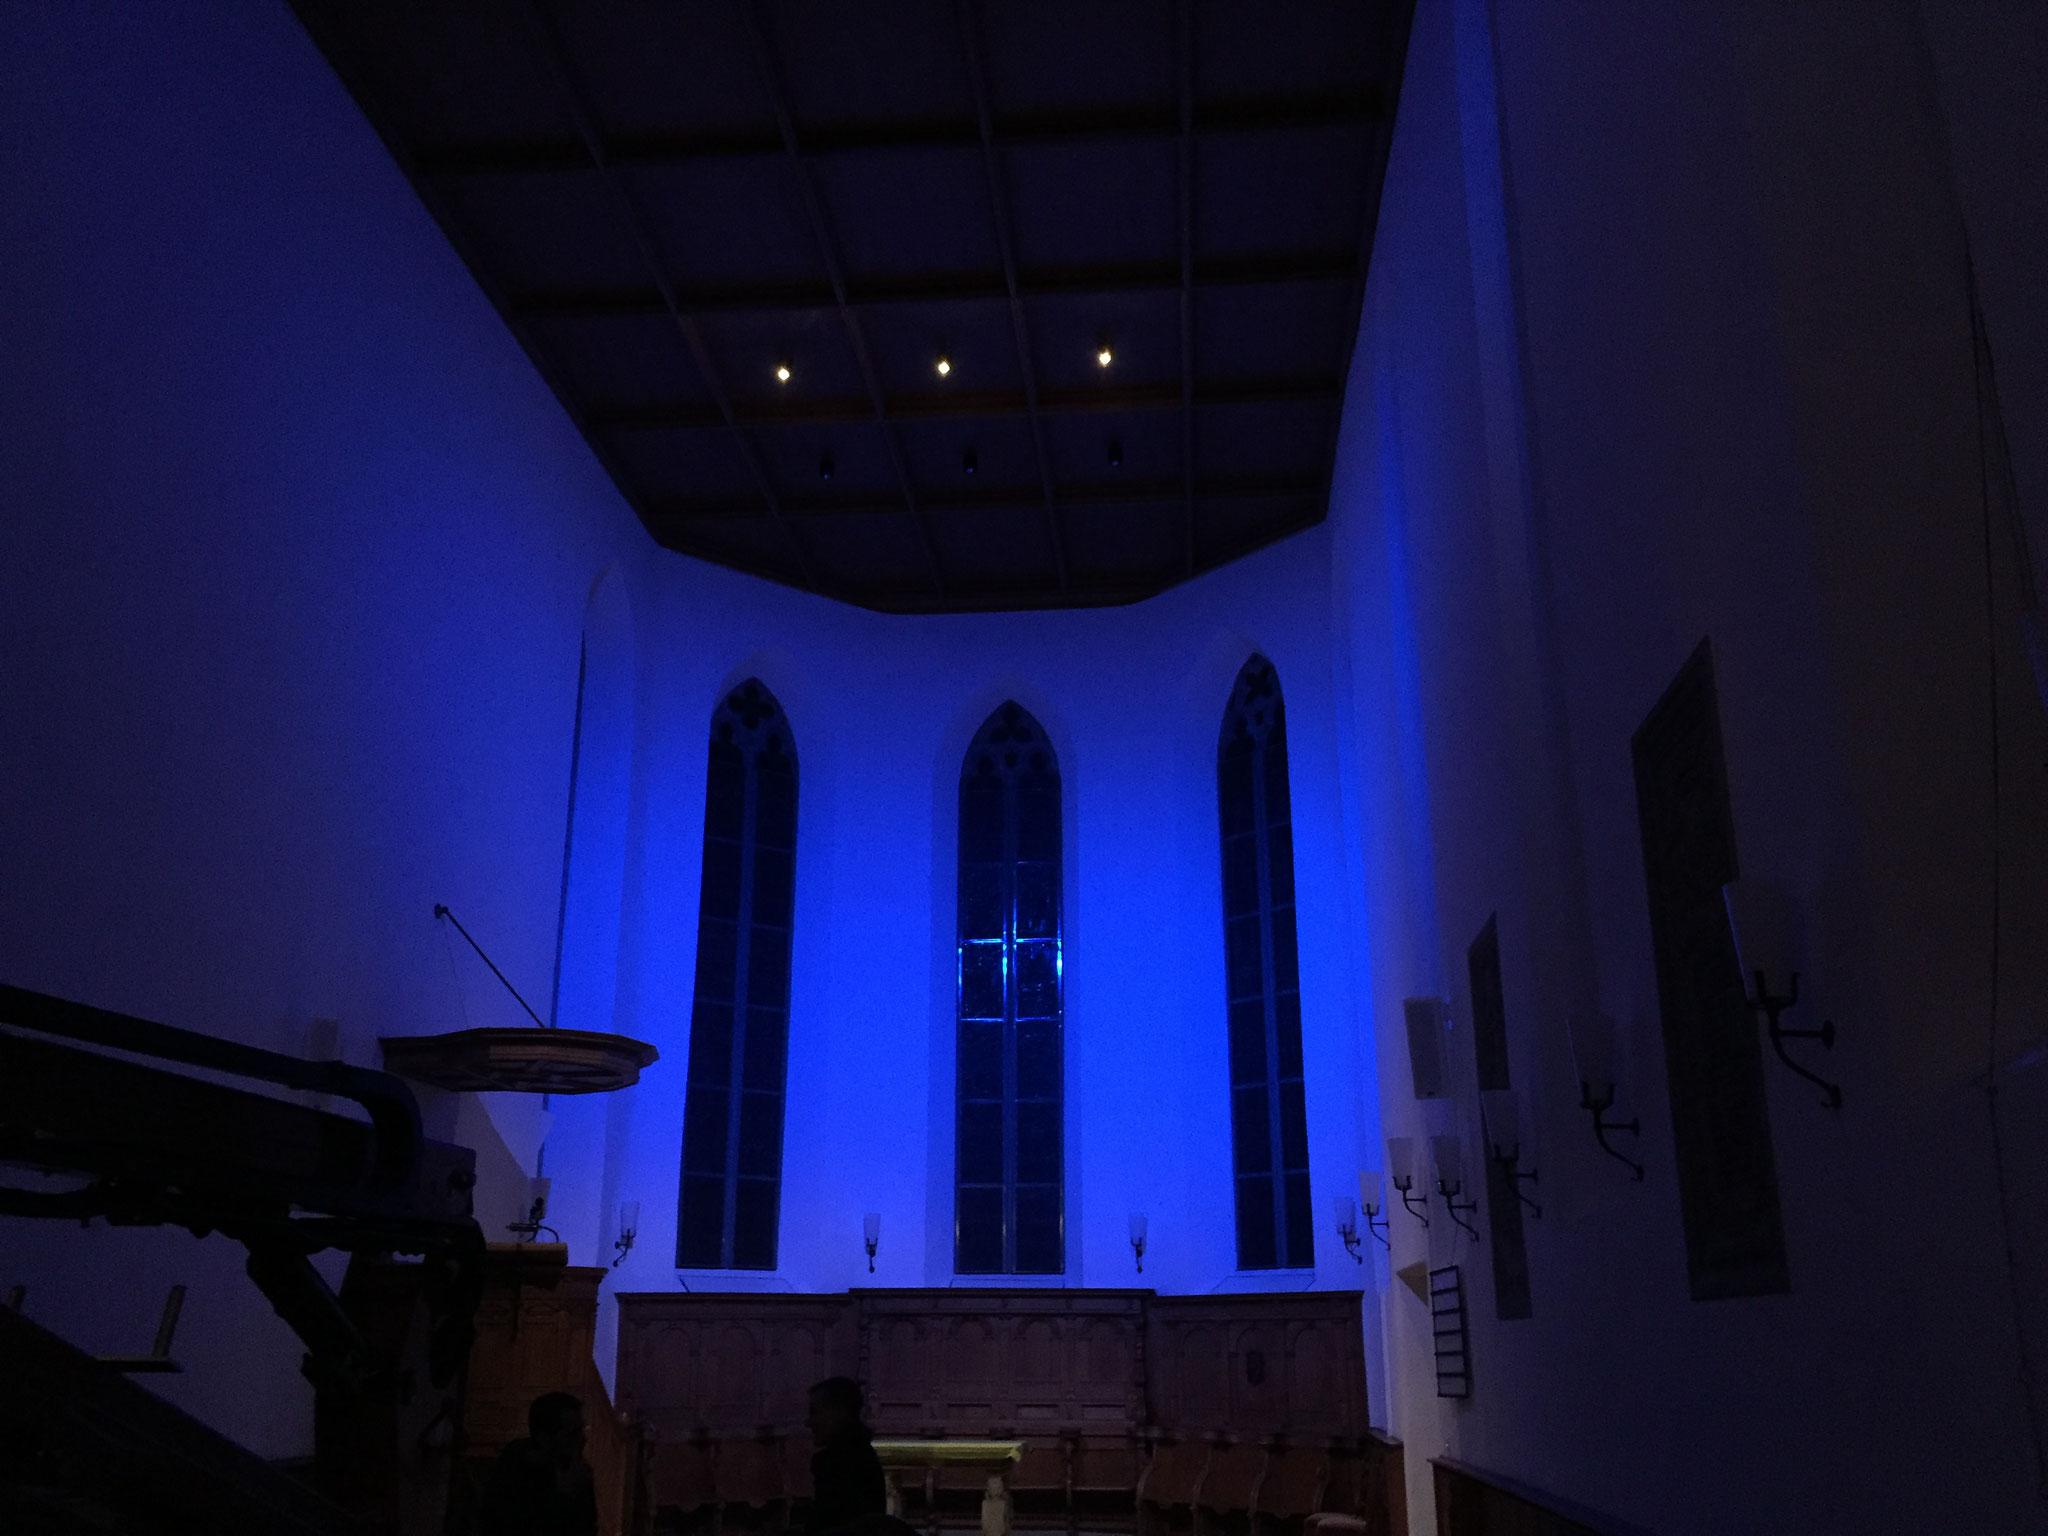 Ein weiteres Highlight sind die farbigen Scheinwerfer, welche den Kirchenraum je nach Anlass verzaubern.